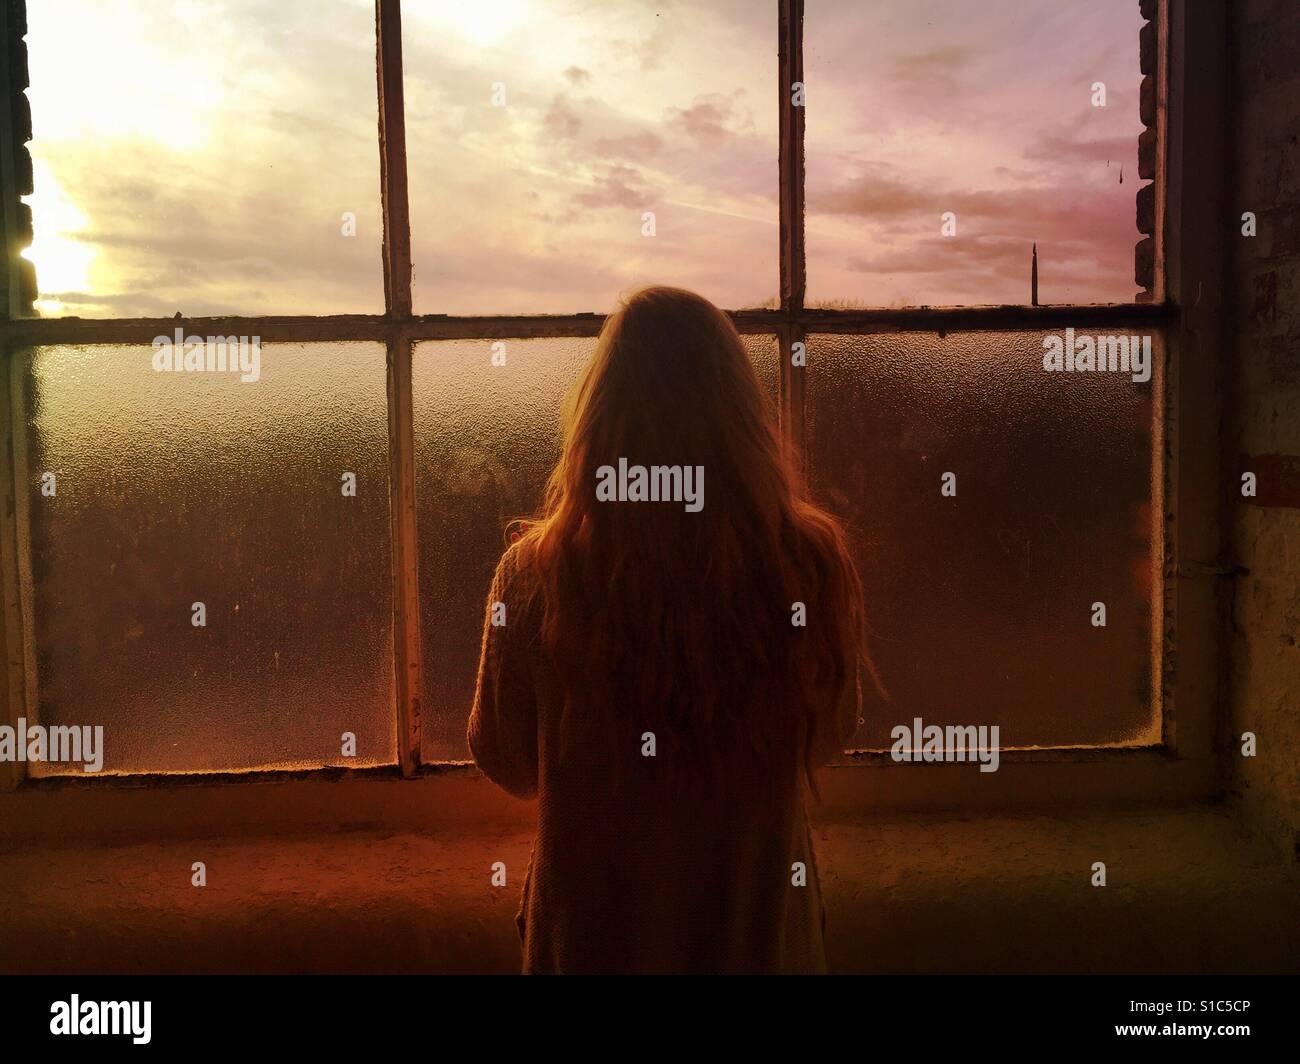 Vista posteriore di una donna sola guardando fuori della finestra al tramonto Immagini Stock